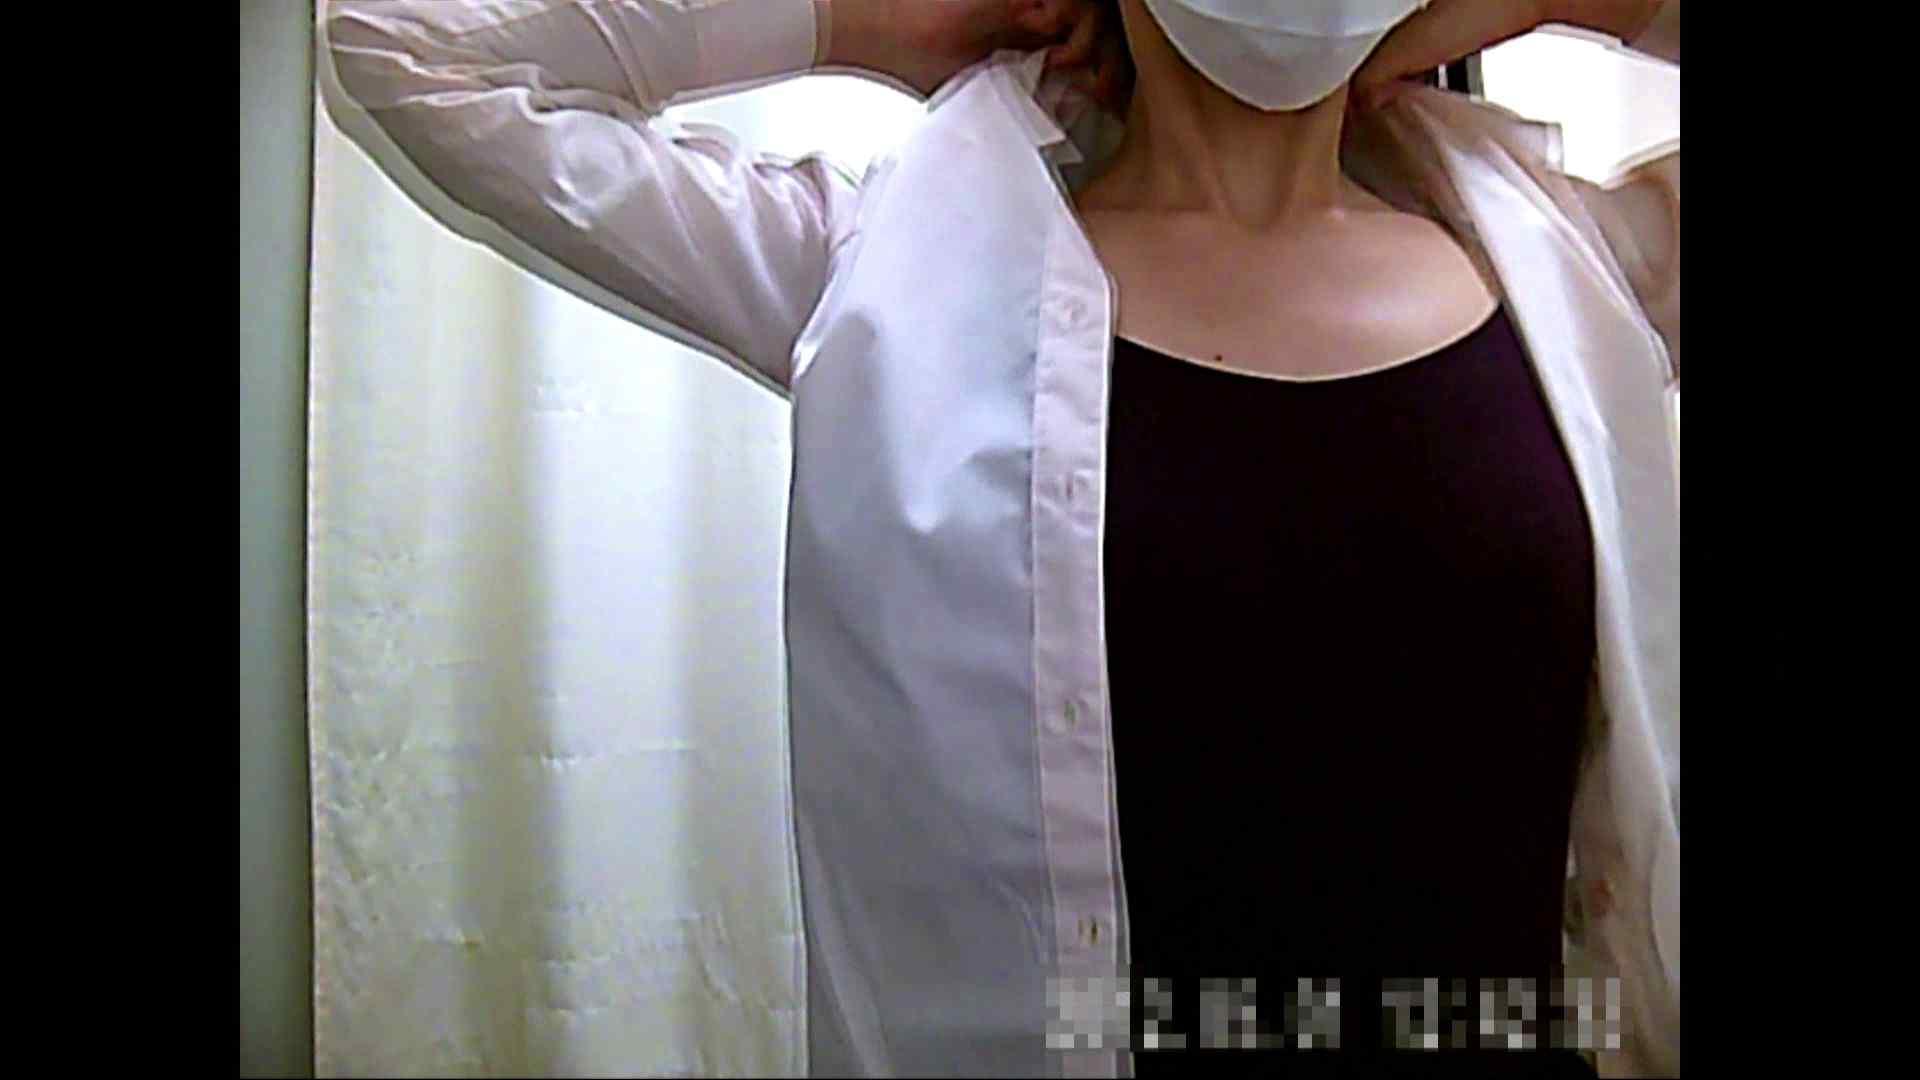 元医者による反抗 更衣室地獄絵巻 vol.004 OLの実態 | 0  37pic 7